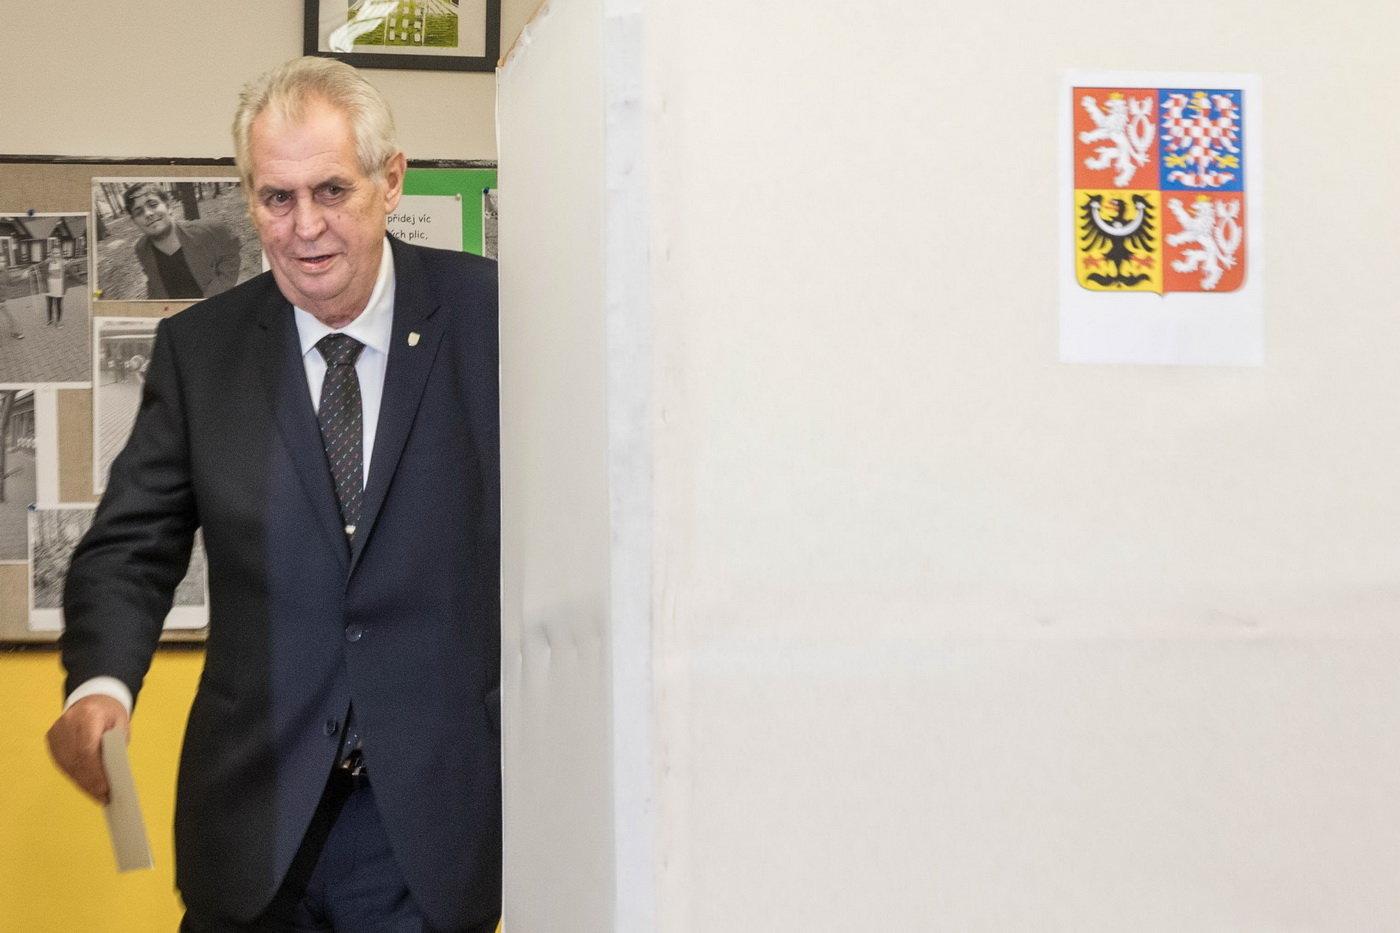 K*nda sem, Babiš tam, Miloušovi vyhrajou volby 3 miliony důchodců, spustil známý sportovec - anotační obrázek